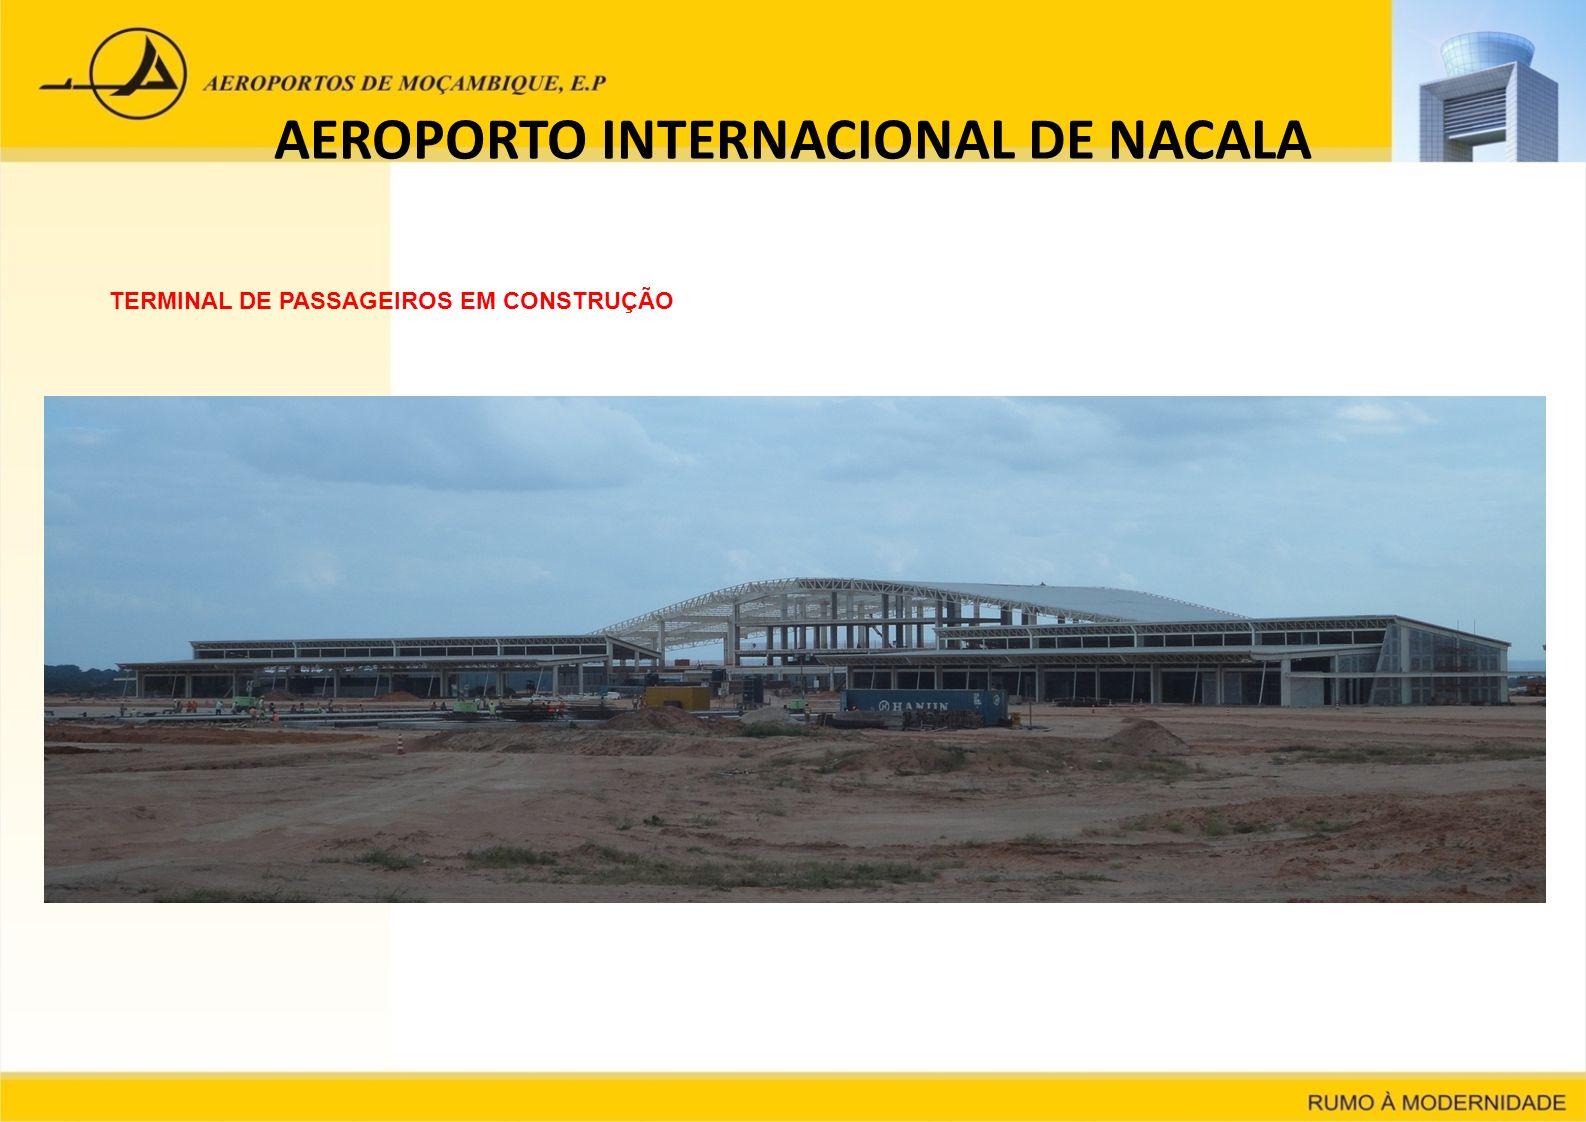 Nacala Airport City   Moçambique Zona D: A Zona D de expansão dos serviços e de apoio ao Aeroporto, é delimitada a Norte pelo novo acesso ao terminal e a sul pela zona de expansão do terminal de cargas.